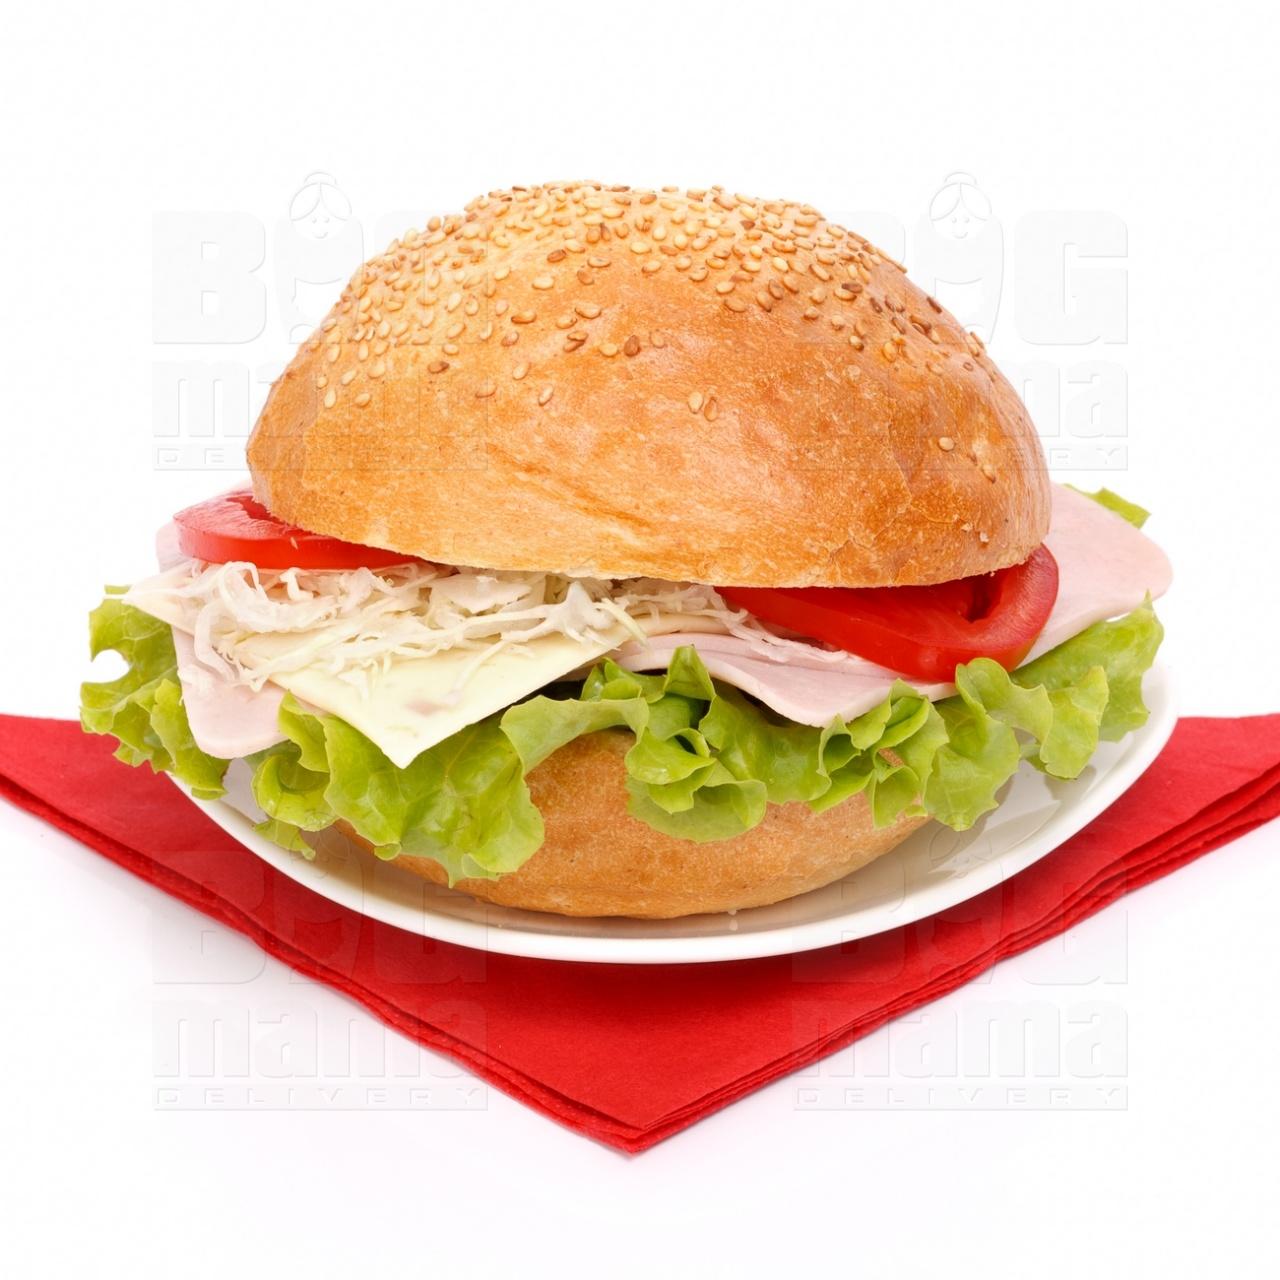 Product #61 image - Sandviş mic cu şuncă presată şi caşcaval